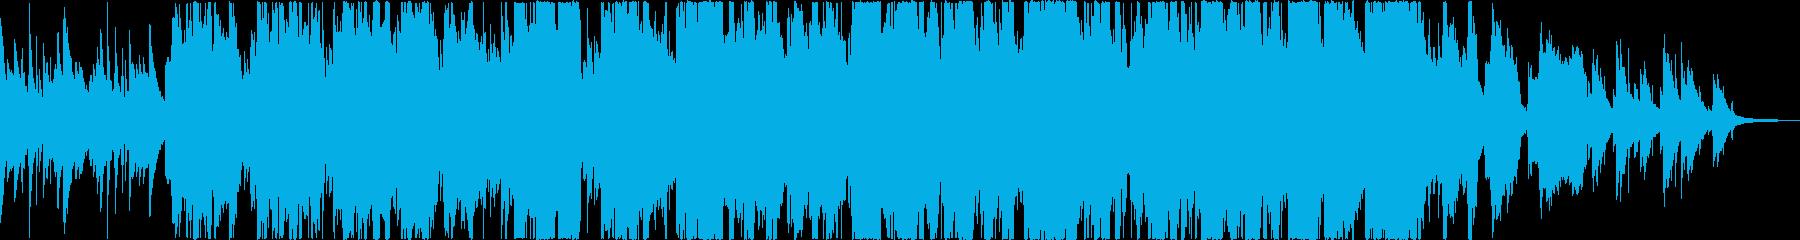 100年以上前の伝説のケルト曲の再生済みの波形